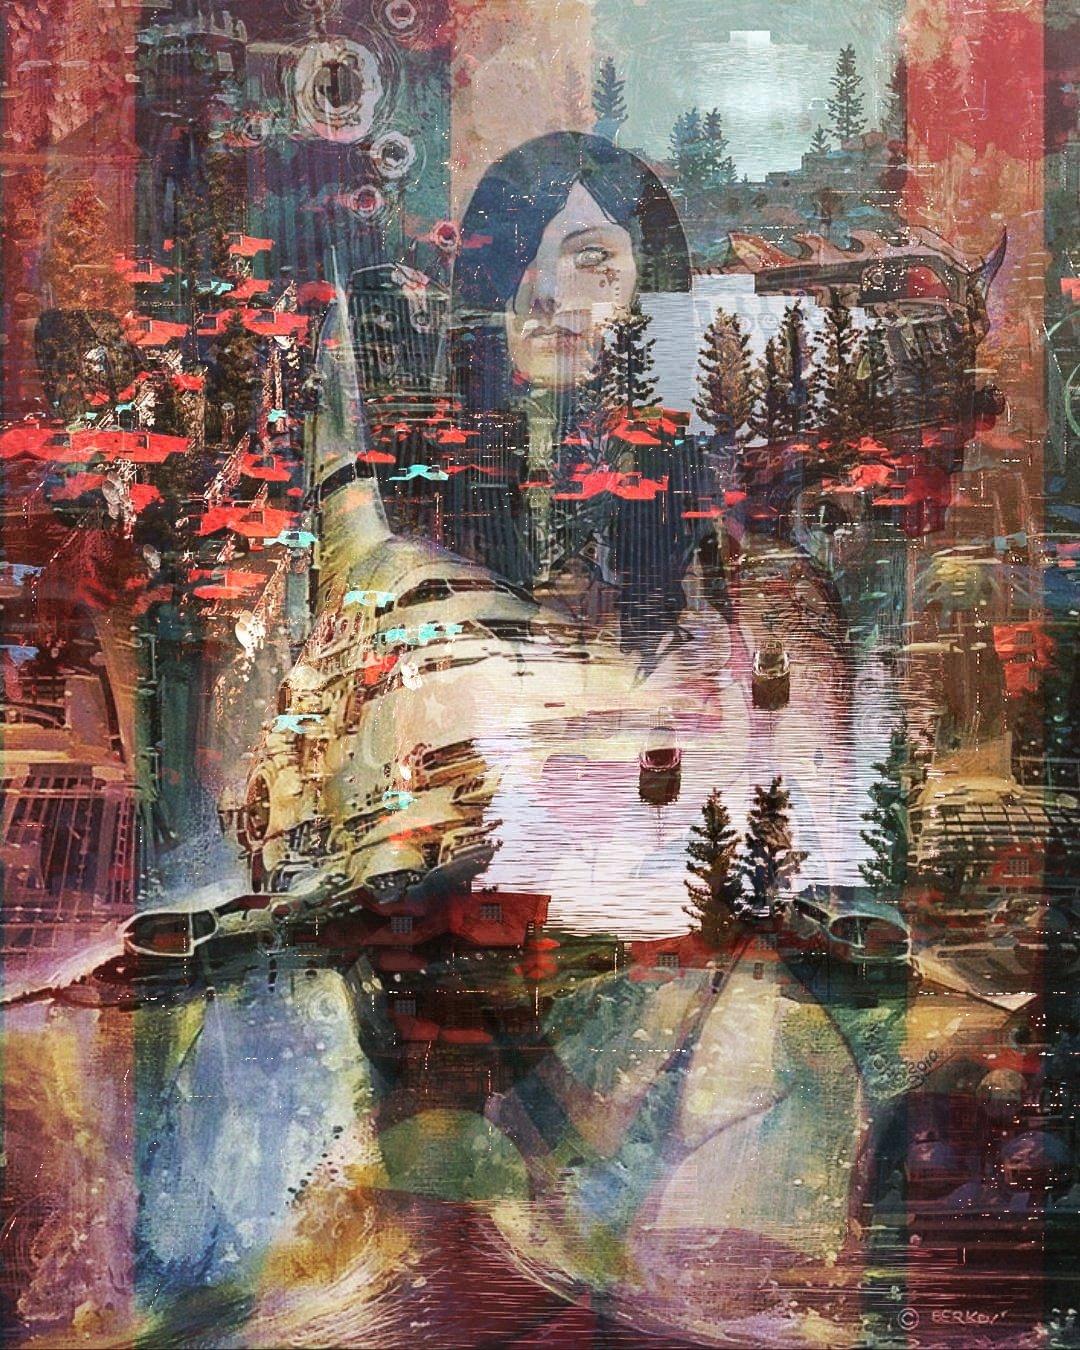 cyberpunk collage art